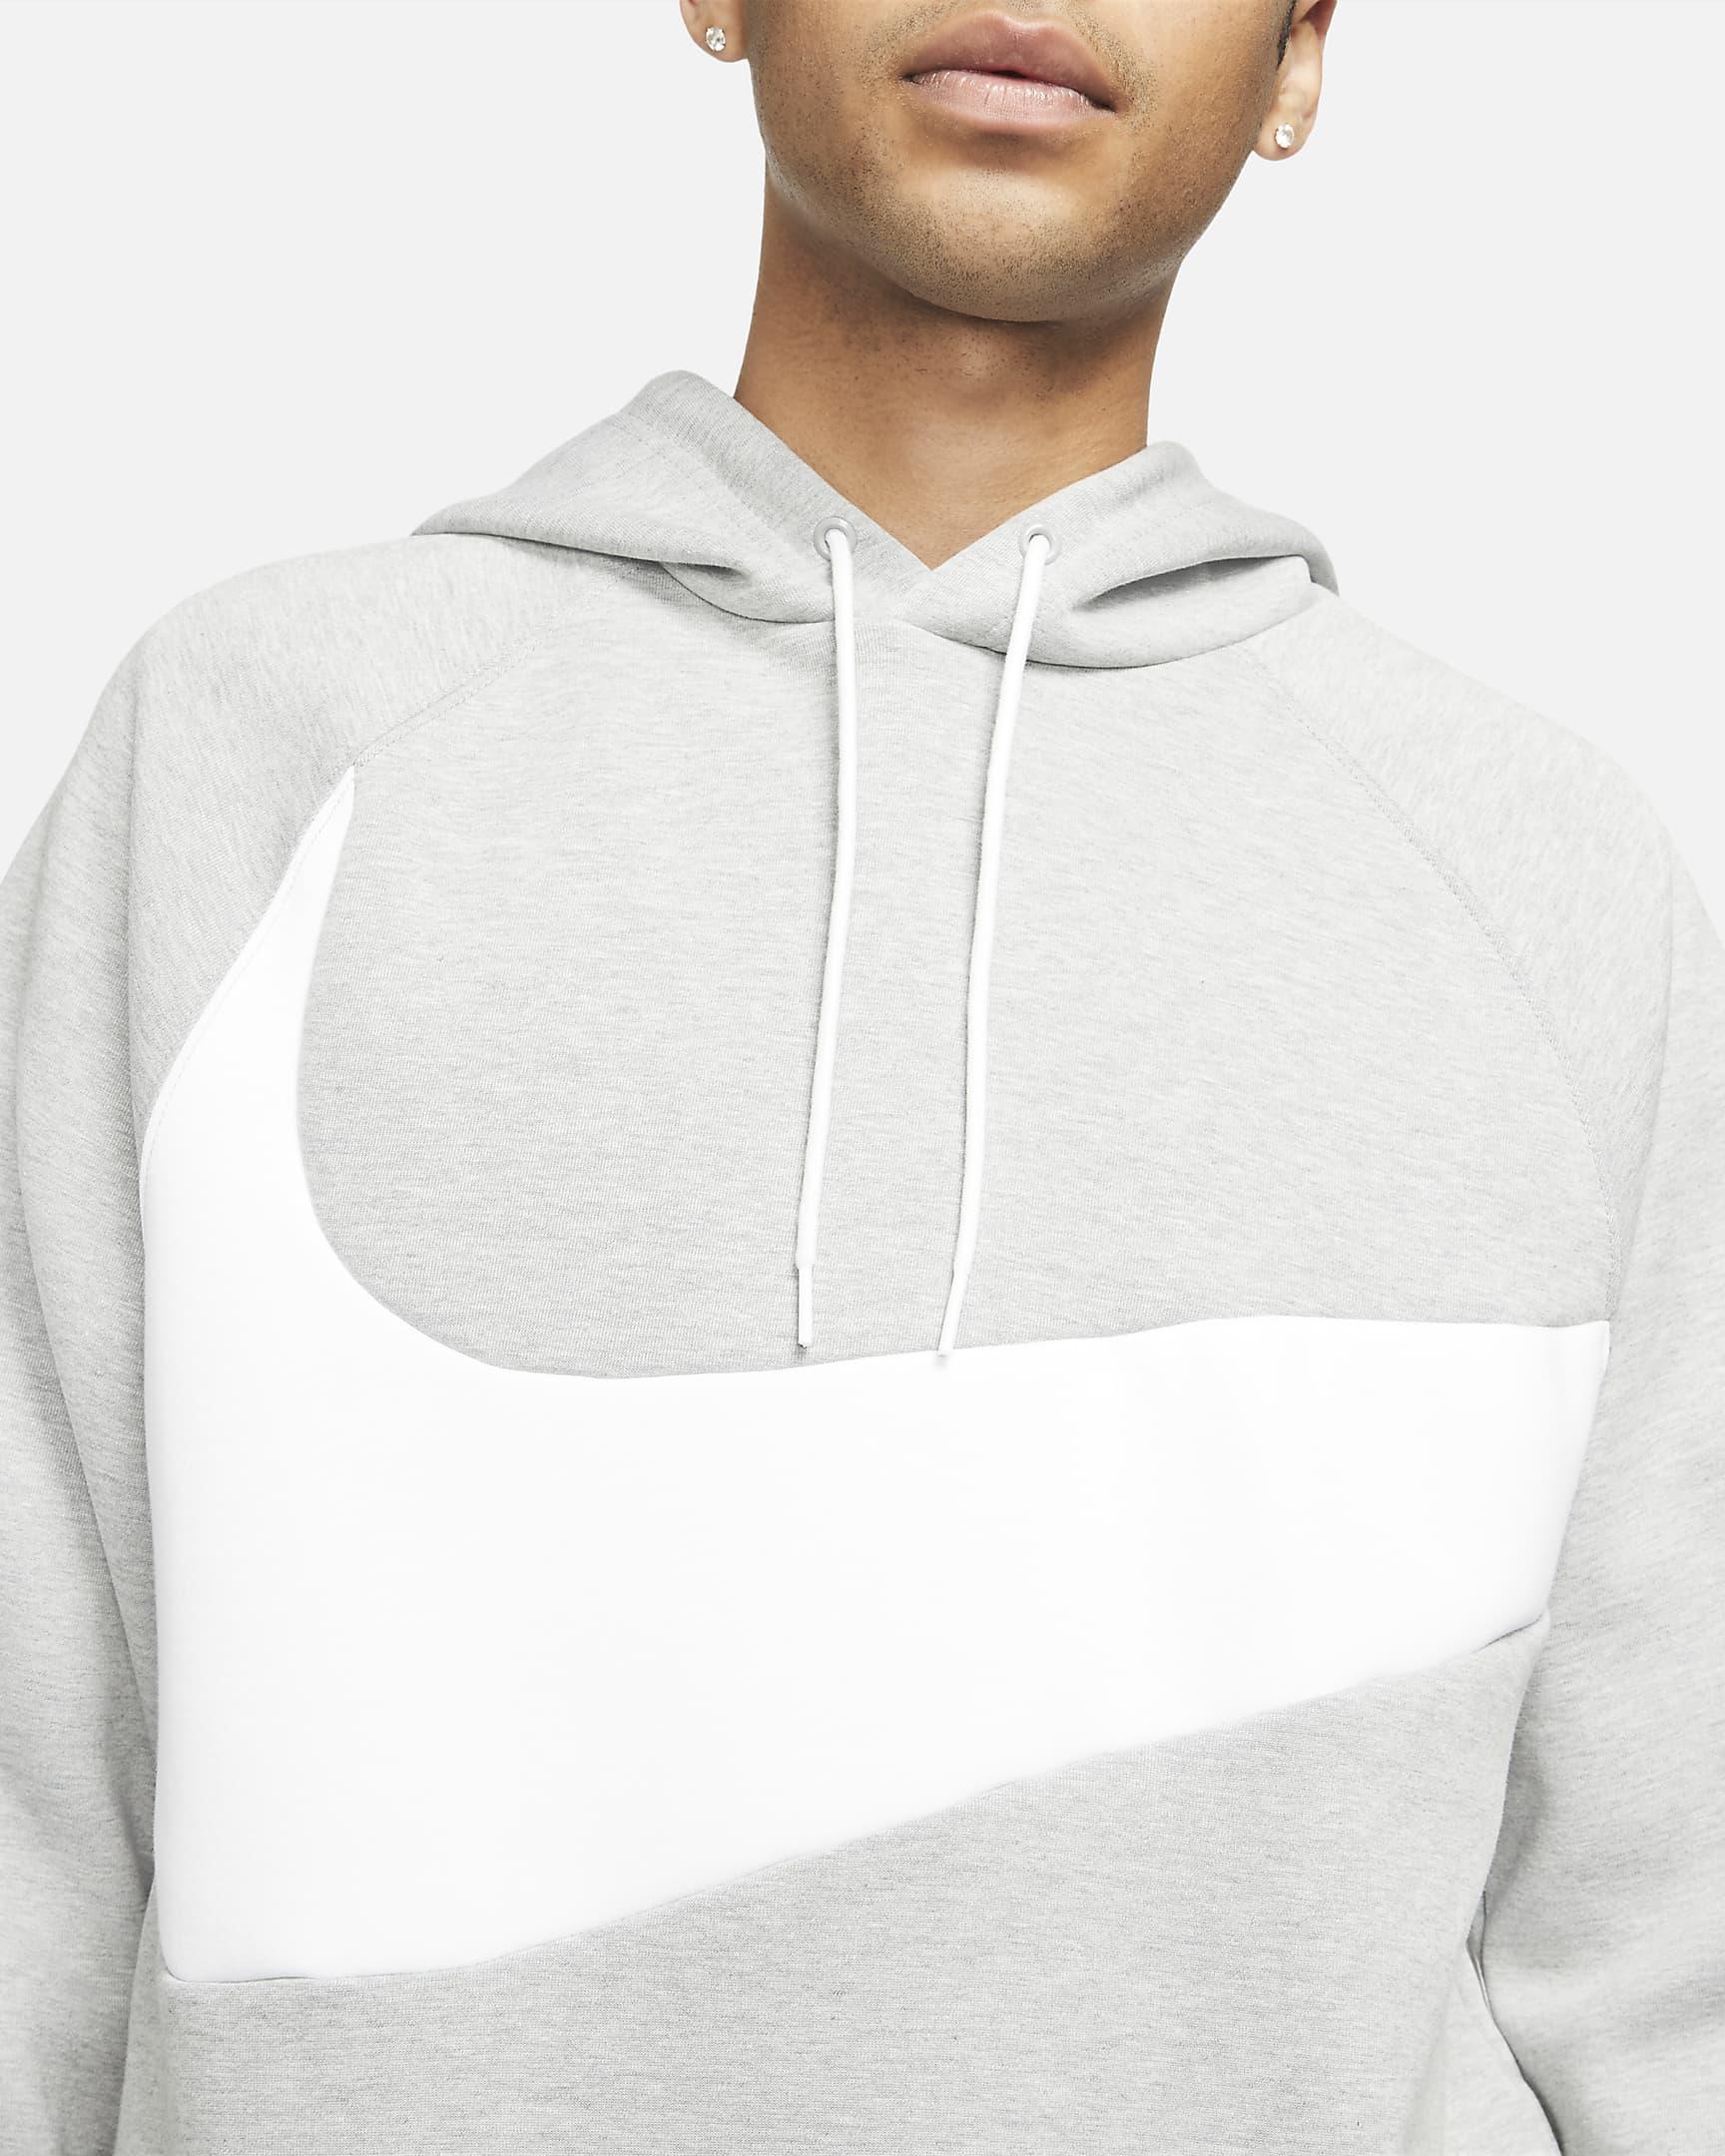 nike-sportswear-swoosh-tech-fleece-mens-pullover-hoodie-CPnmfh-2.png